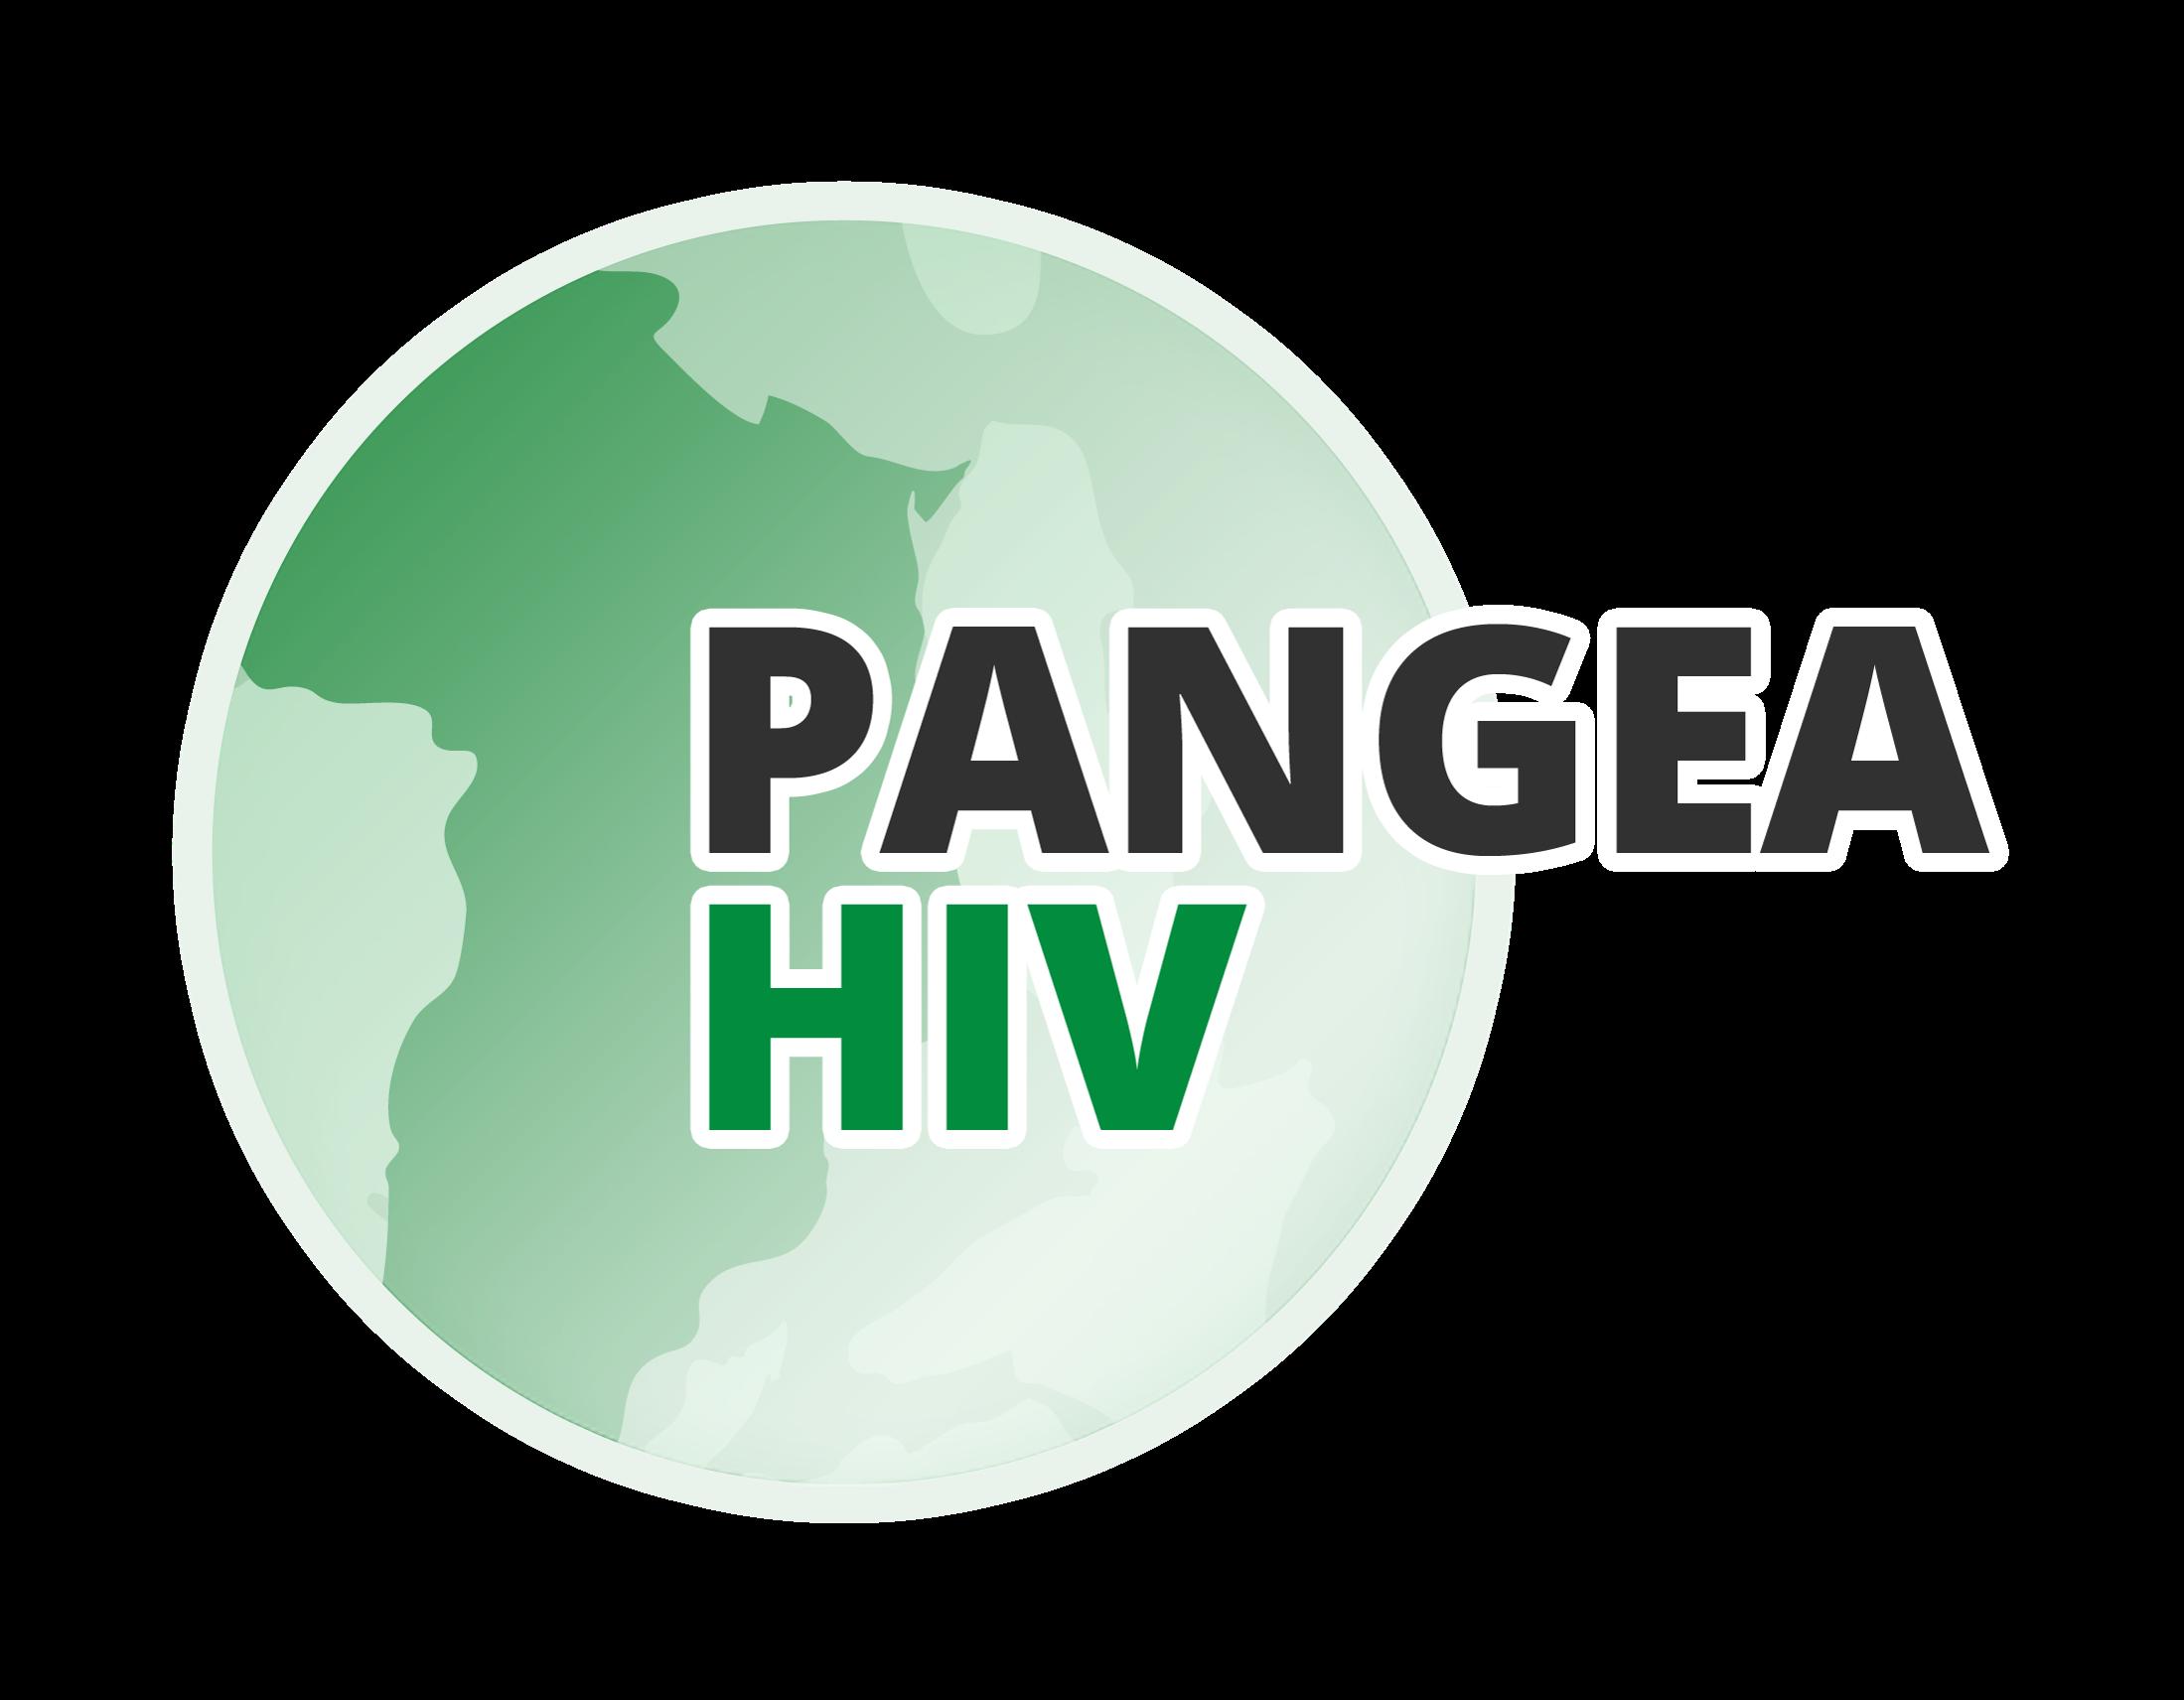 Pangea HIV